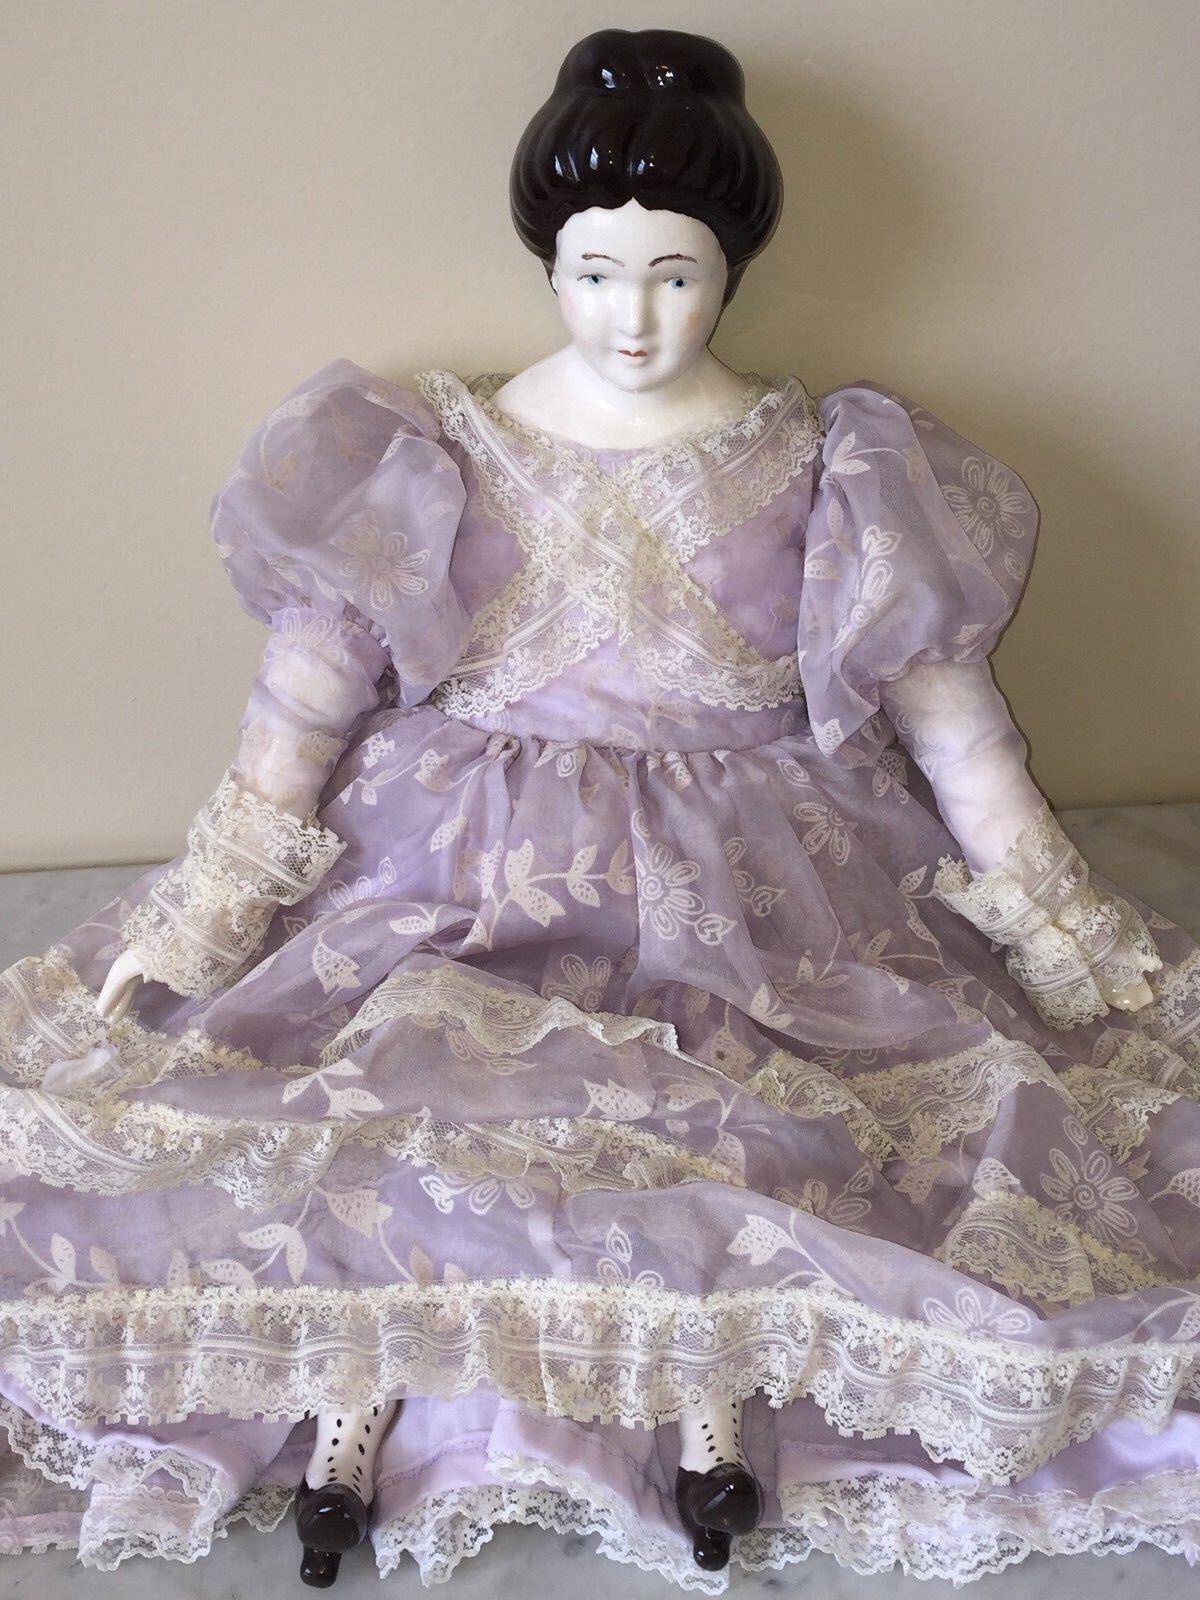 Vestido de encaje hecho A Mano Pintado Vintage Muñeca de porcelana con paño de cuerpo, viejo - 23  De Alto